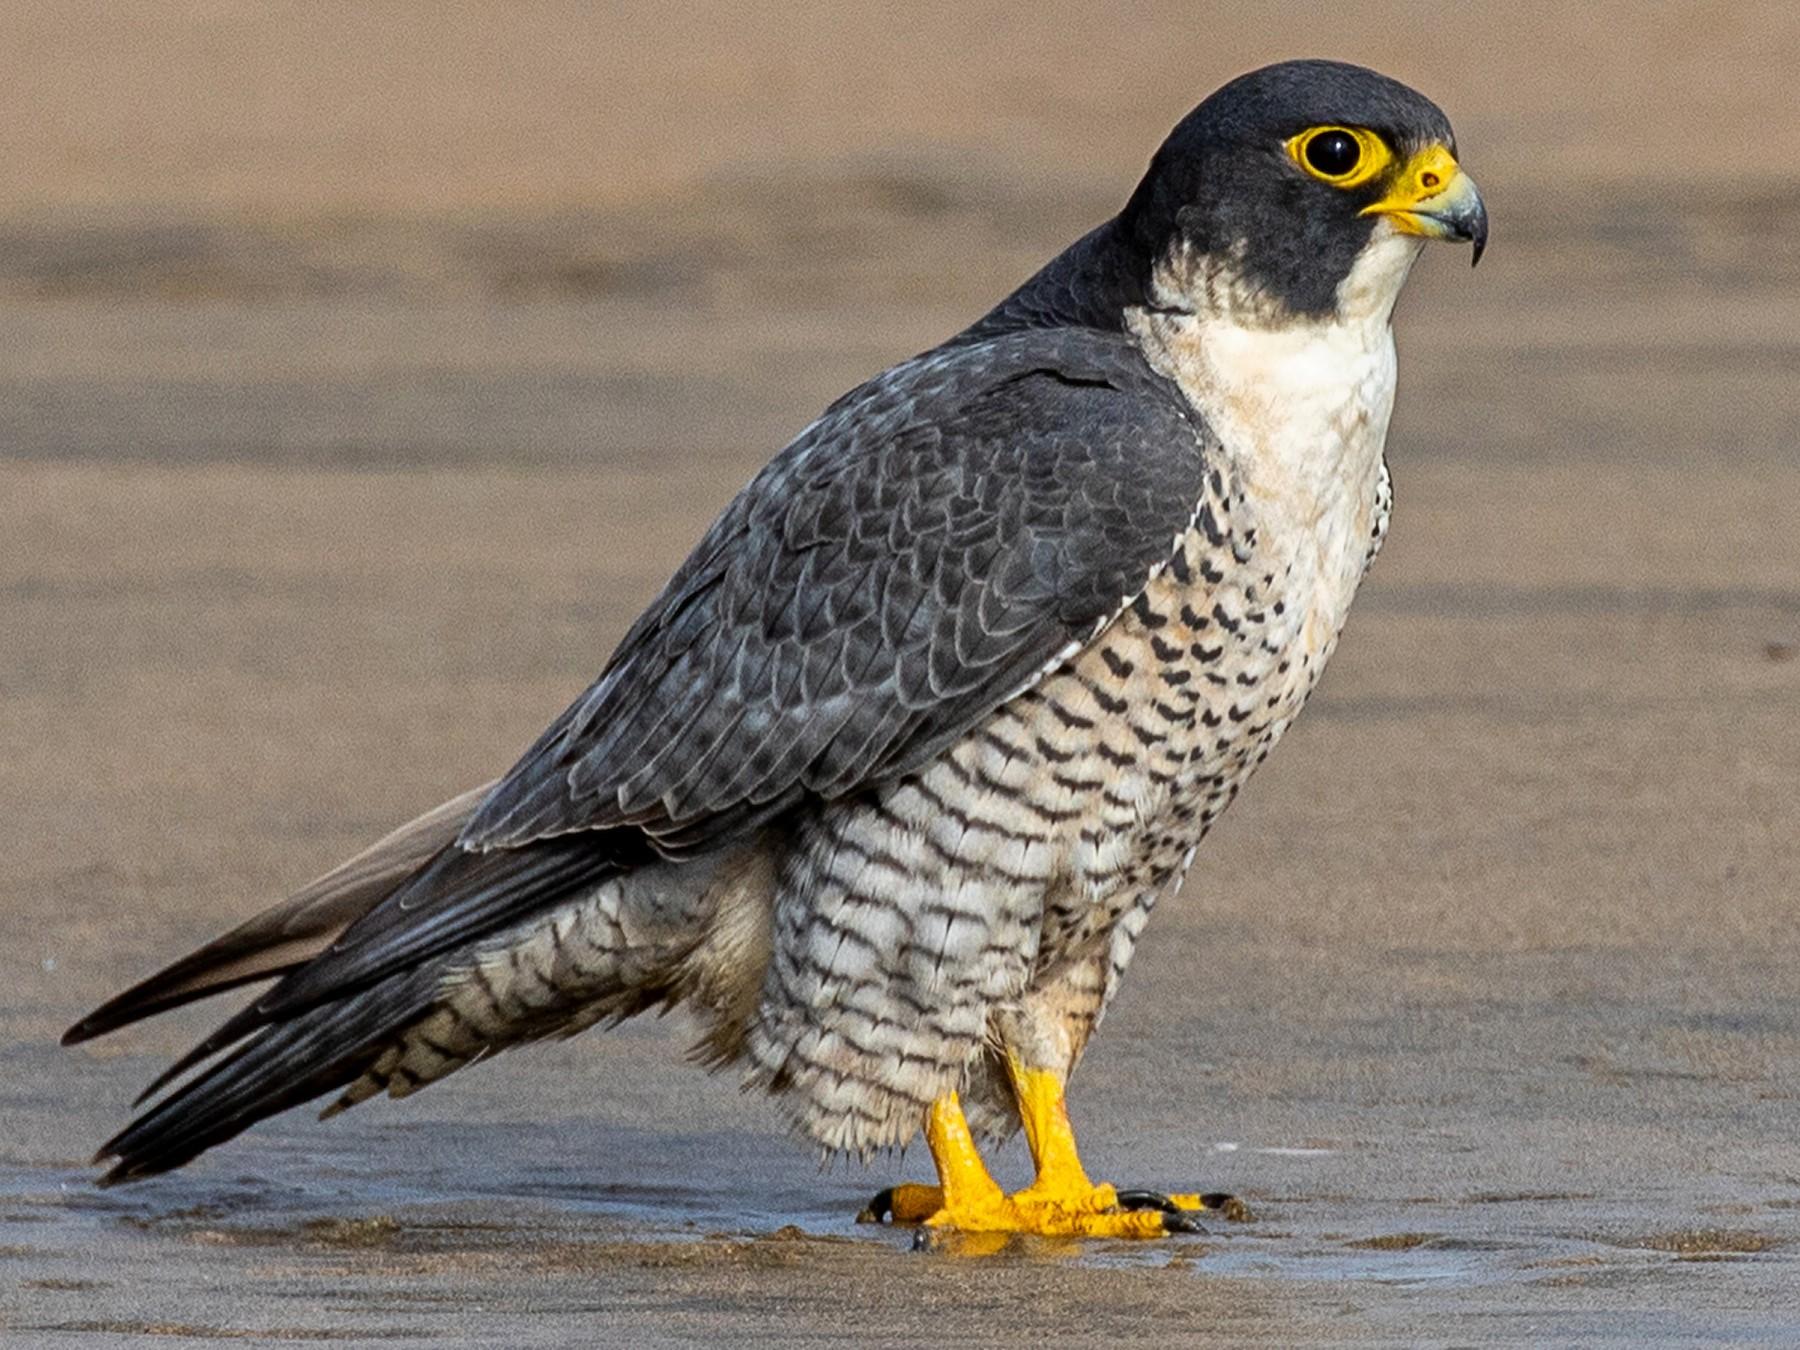 Peregrine Falcon - Joshua Stacy